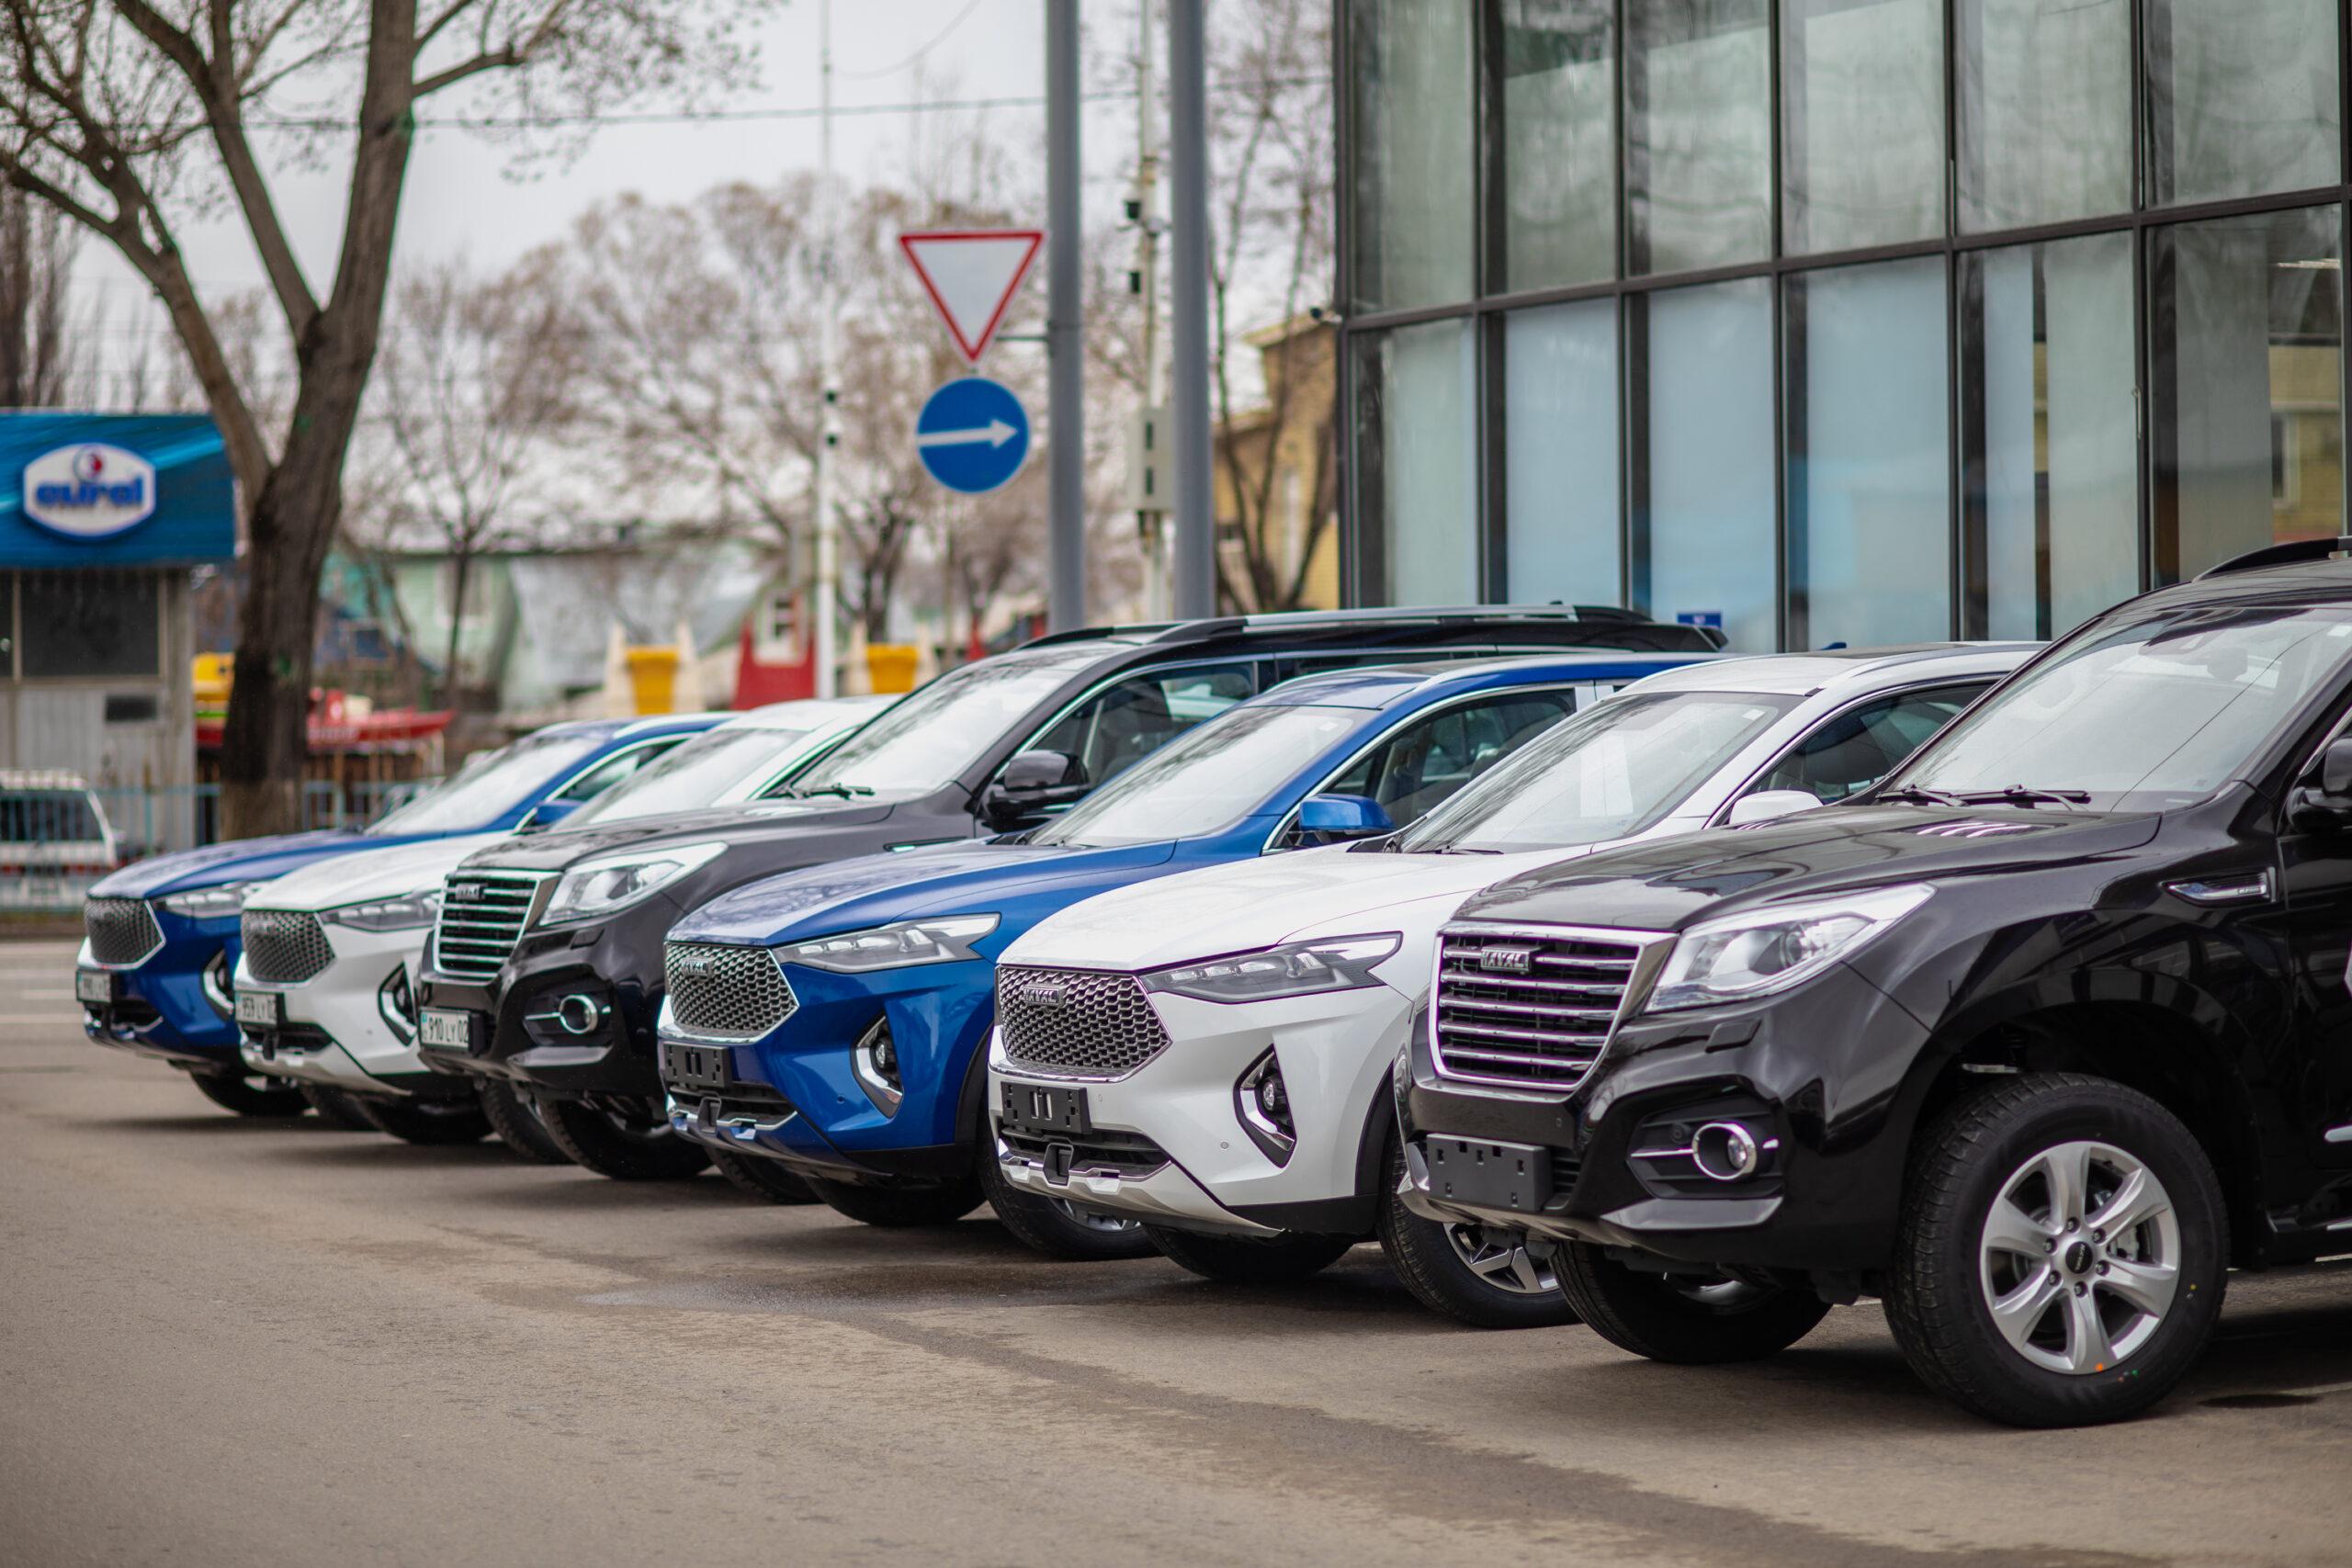 'GWM' ผู้ผลิตรถยนต์ชั้นนำจีน ยอดขายเดือนมิ.ย. โต 23%